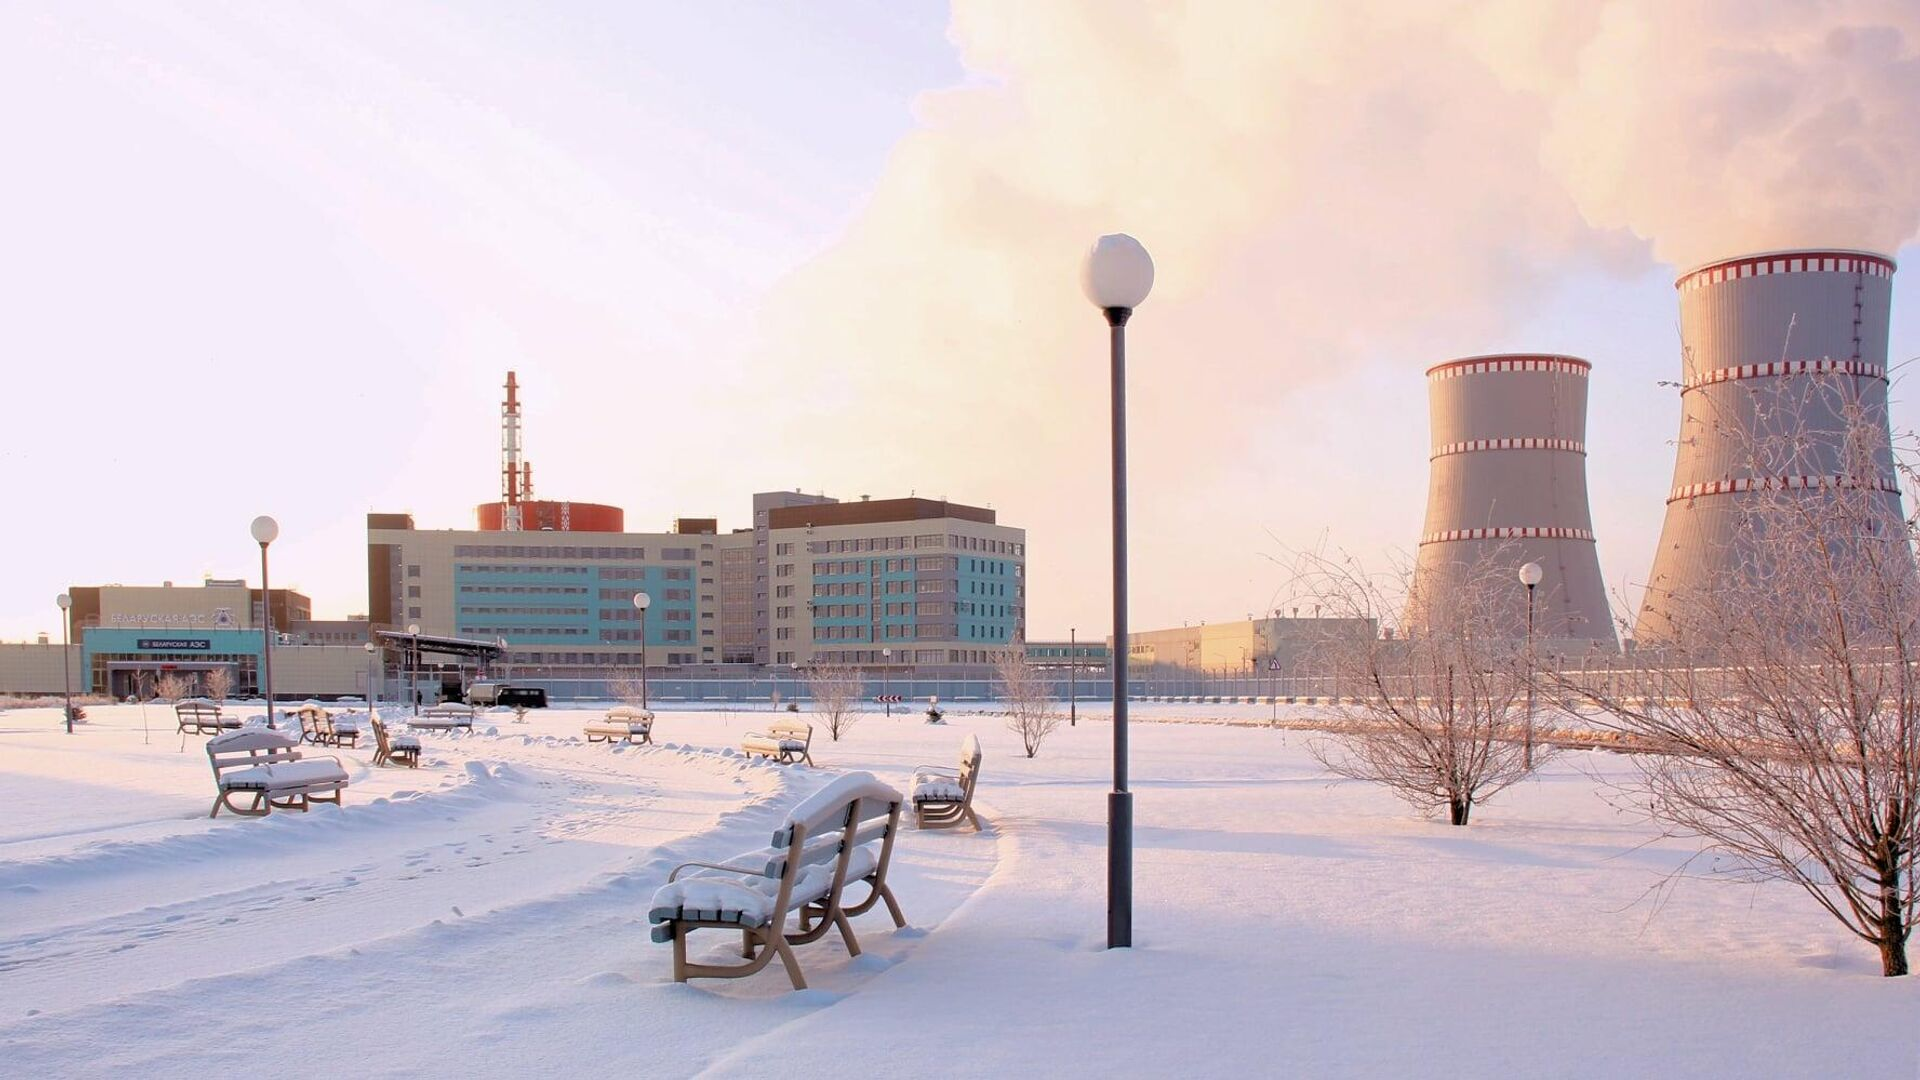 Белорусская АЭС - РИА Новости, 1920, 11.02.2021